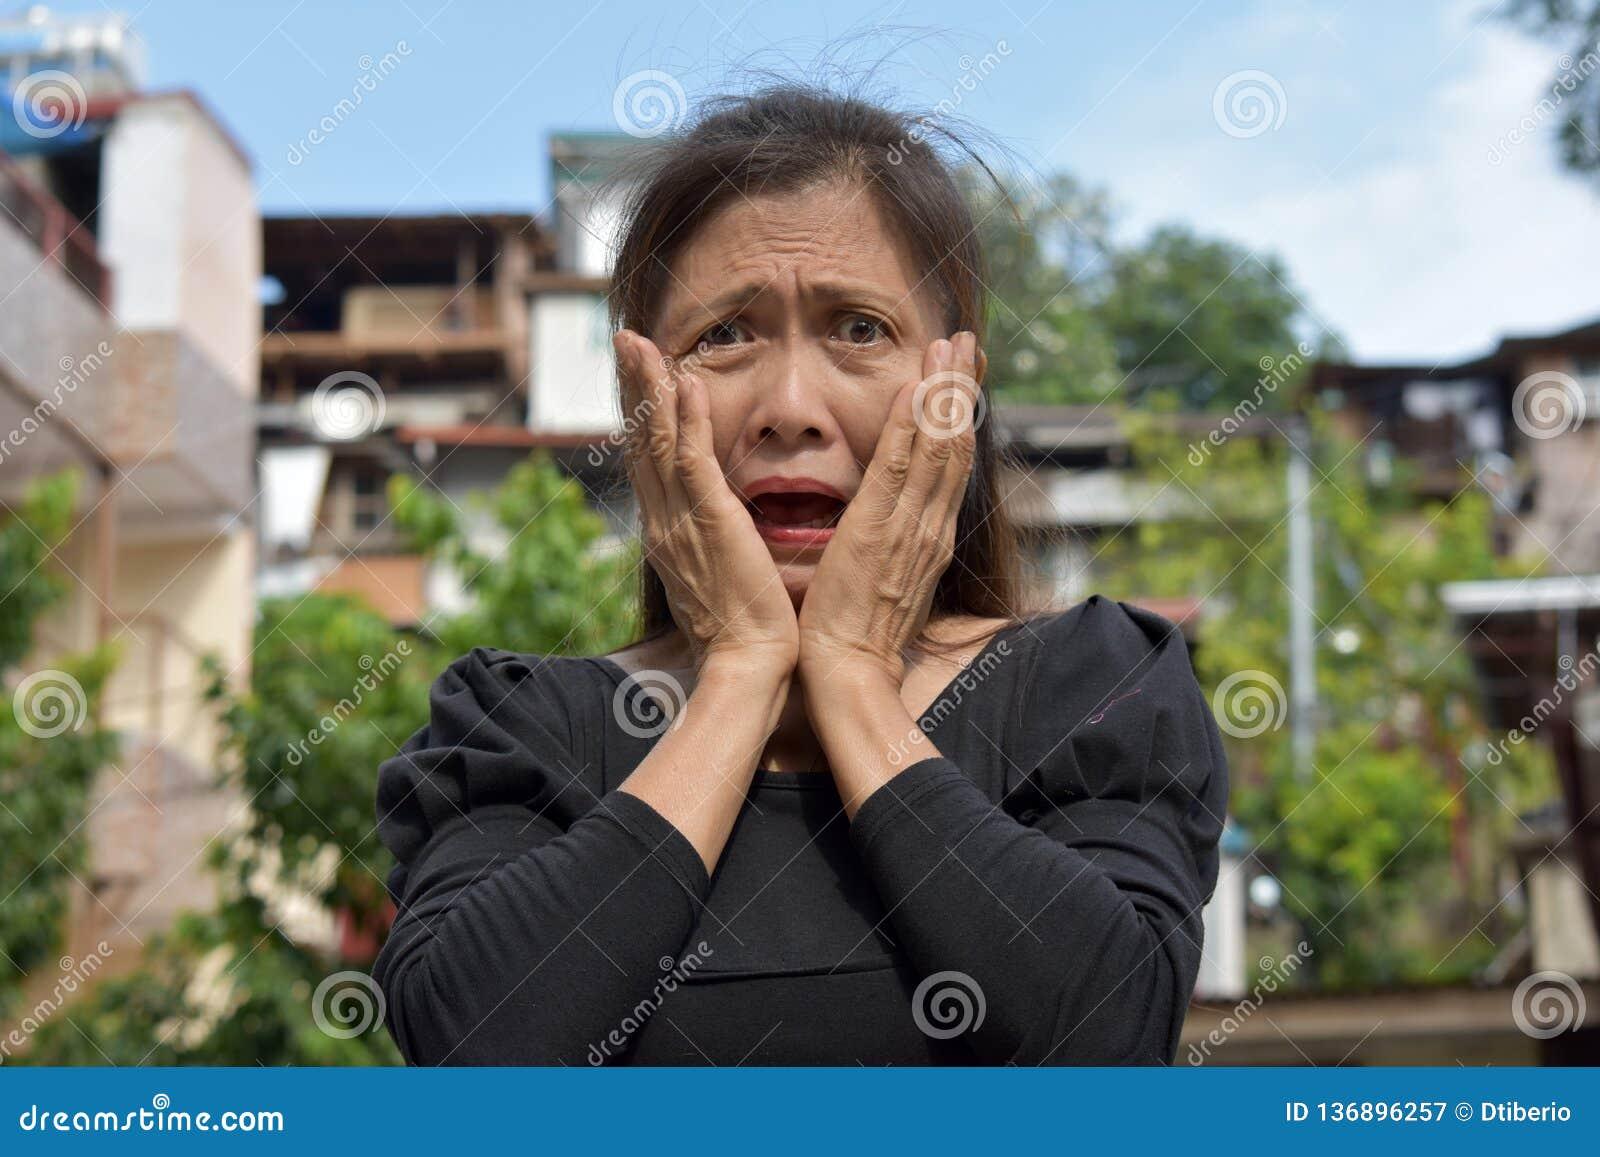 Gramma mayor femenino chocado